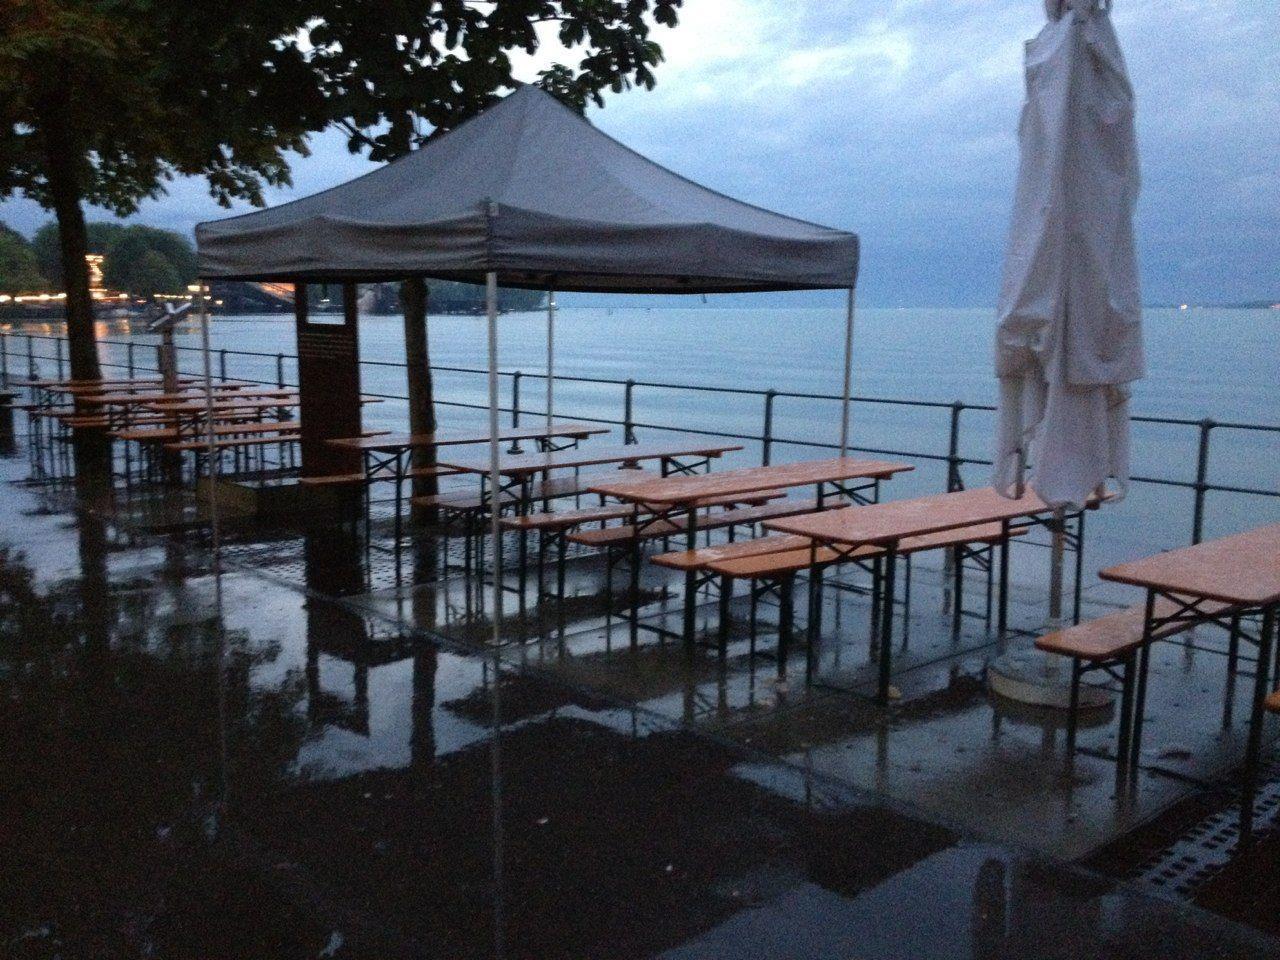 Eine leergefegte Seepromenade am Samstagabend in Bregenz. So hatten sich das die Veranstalter wohl nicht vorgestellt.